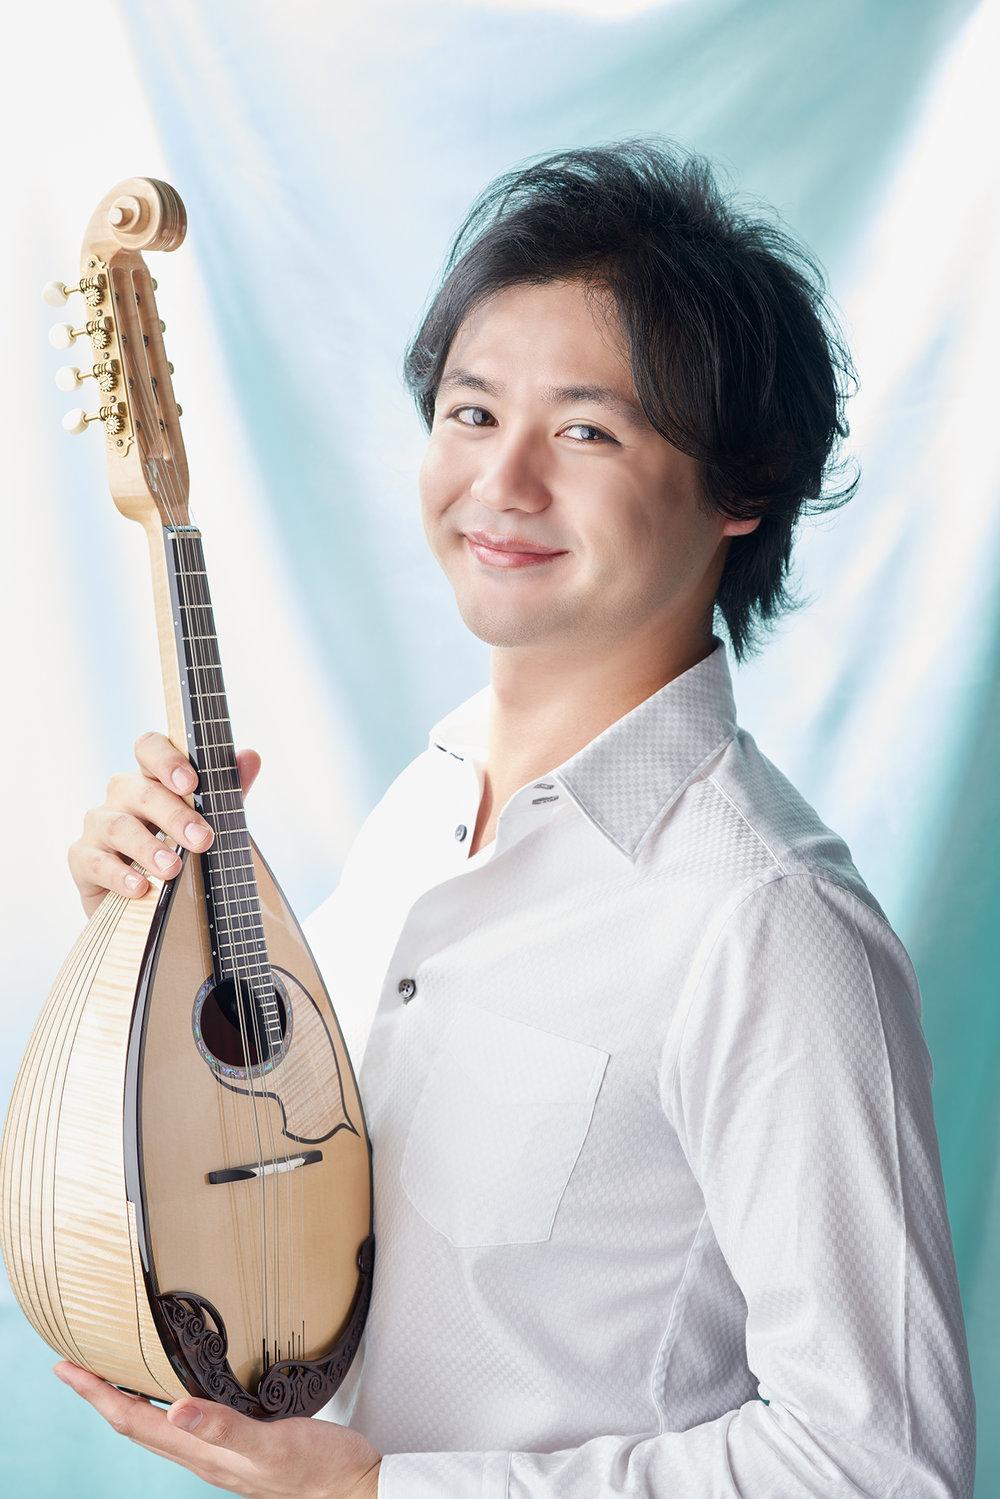 Masataka Hori